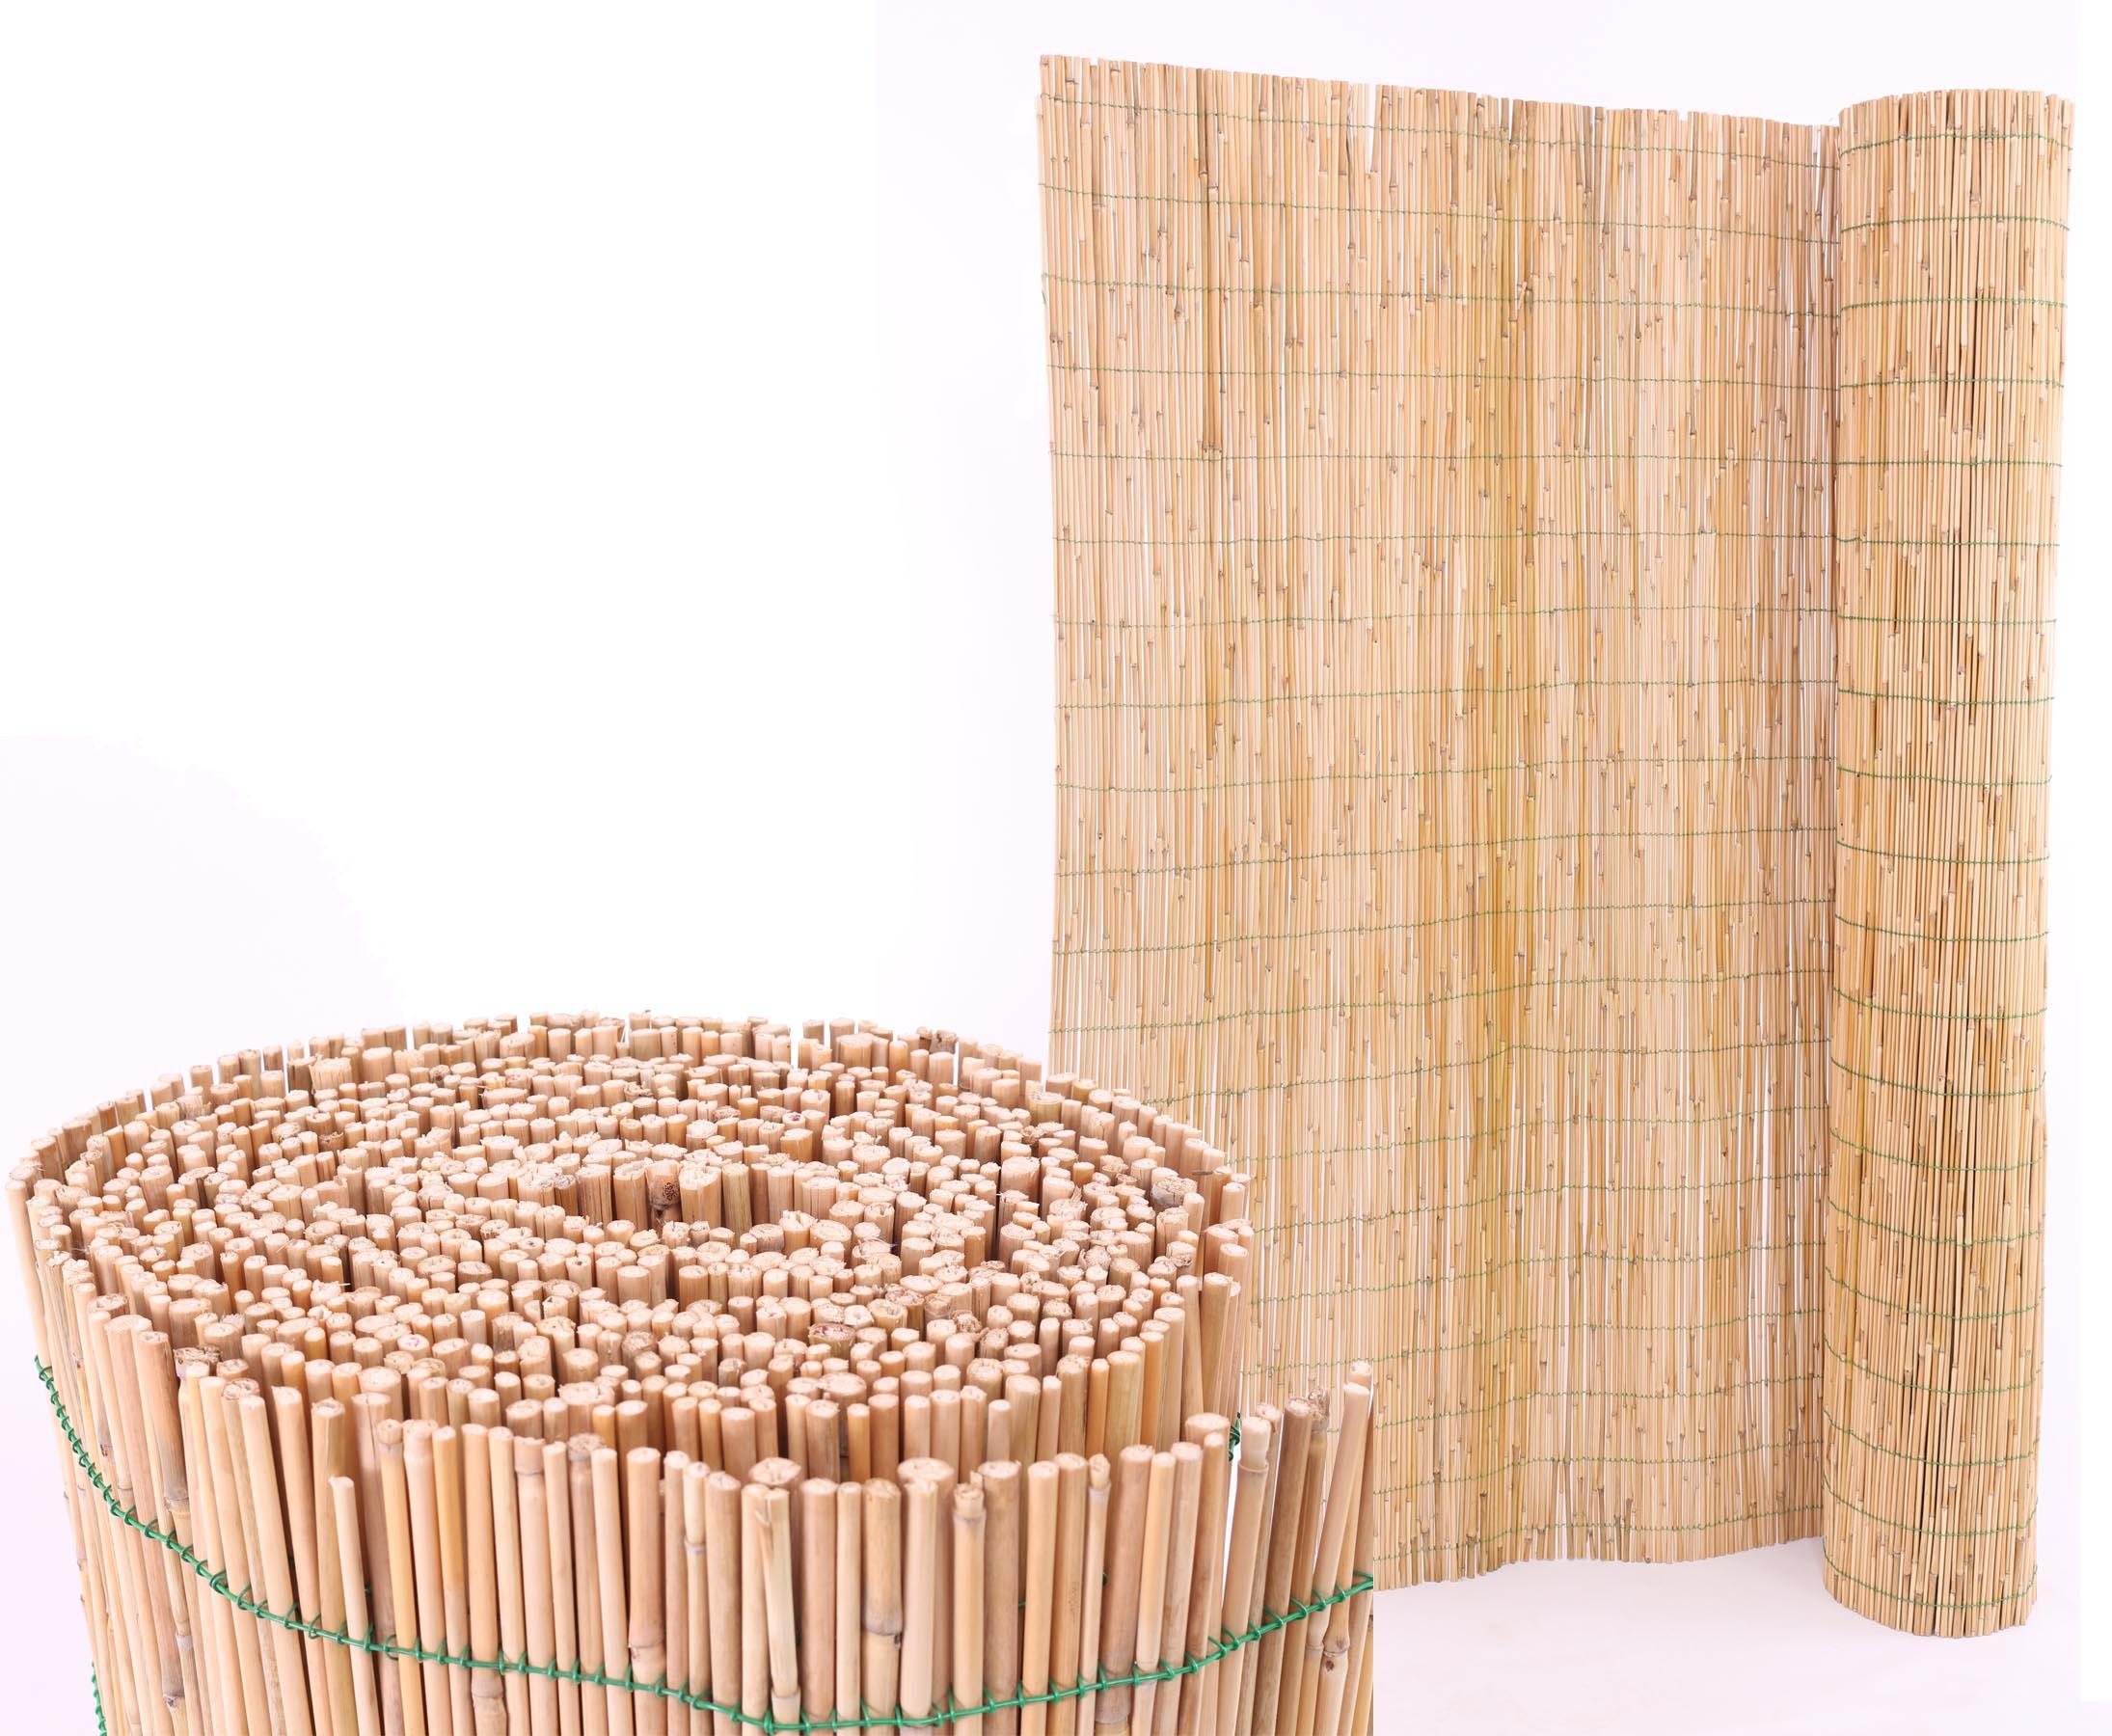 Schilfrohrmatte Mit 140x600cm Als Garten Sichtschutz Hier Kaufen